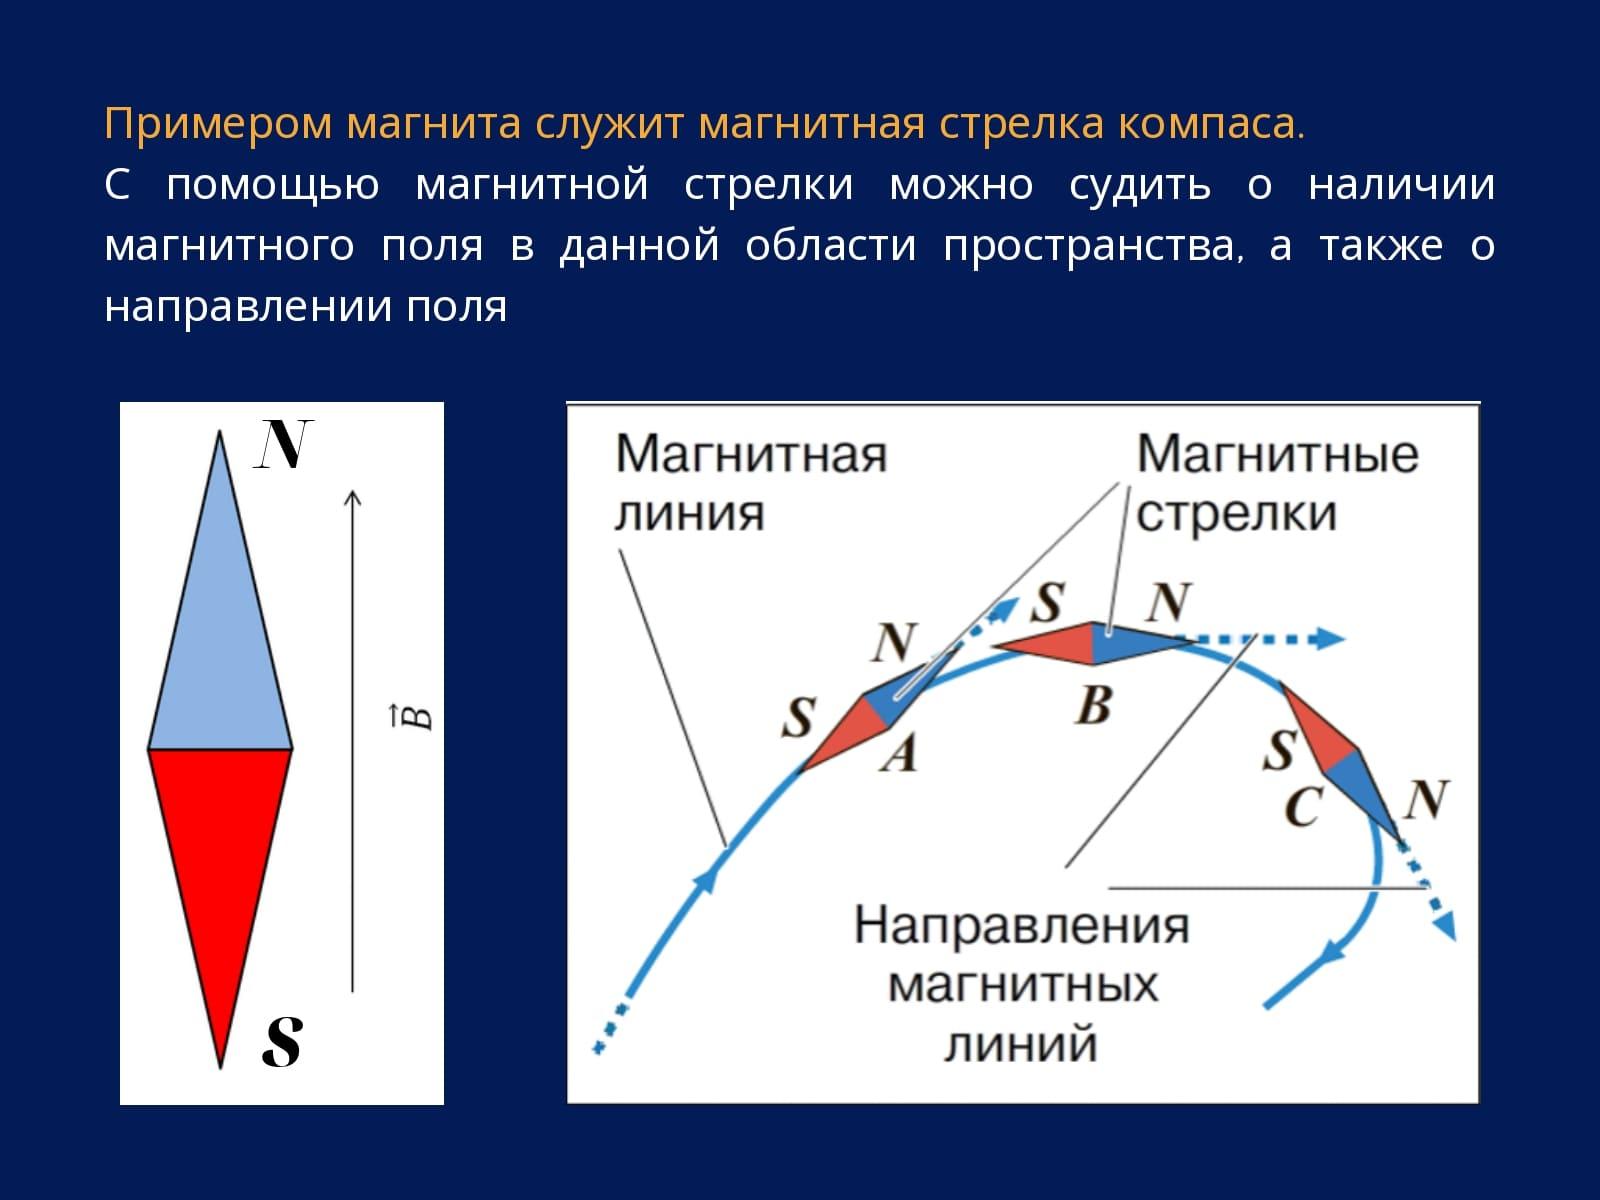 Примером магнита служит магнитная стрелка компаса